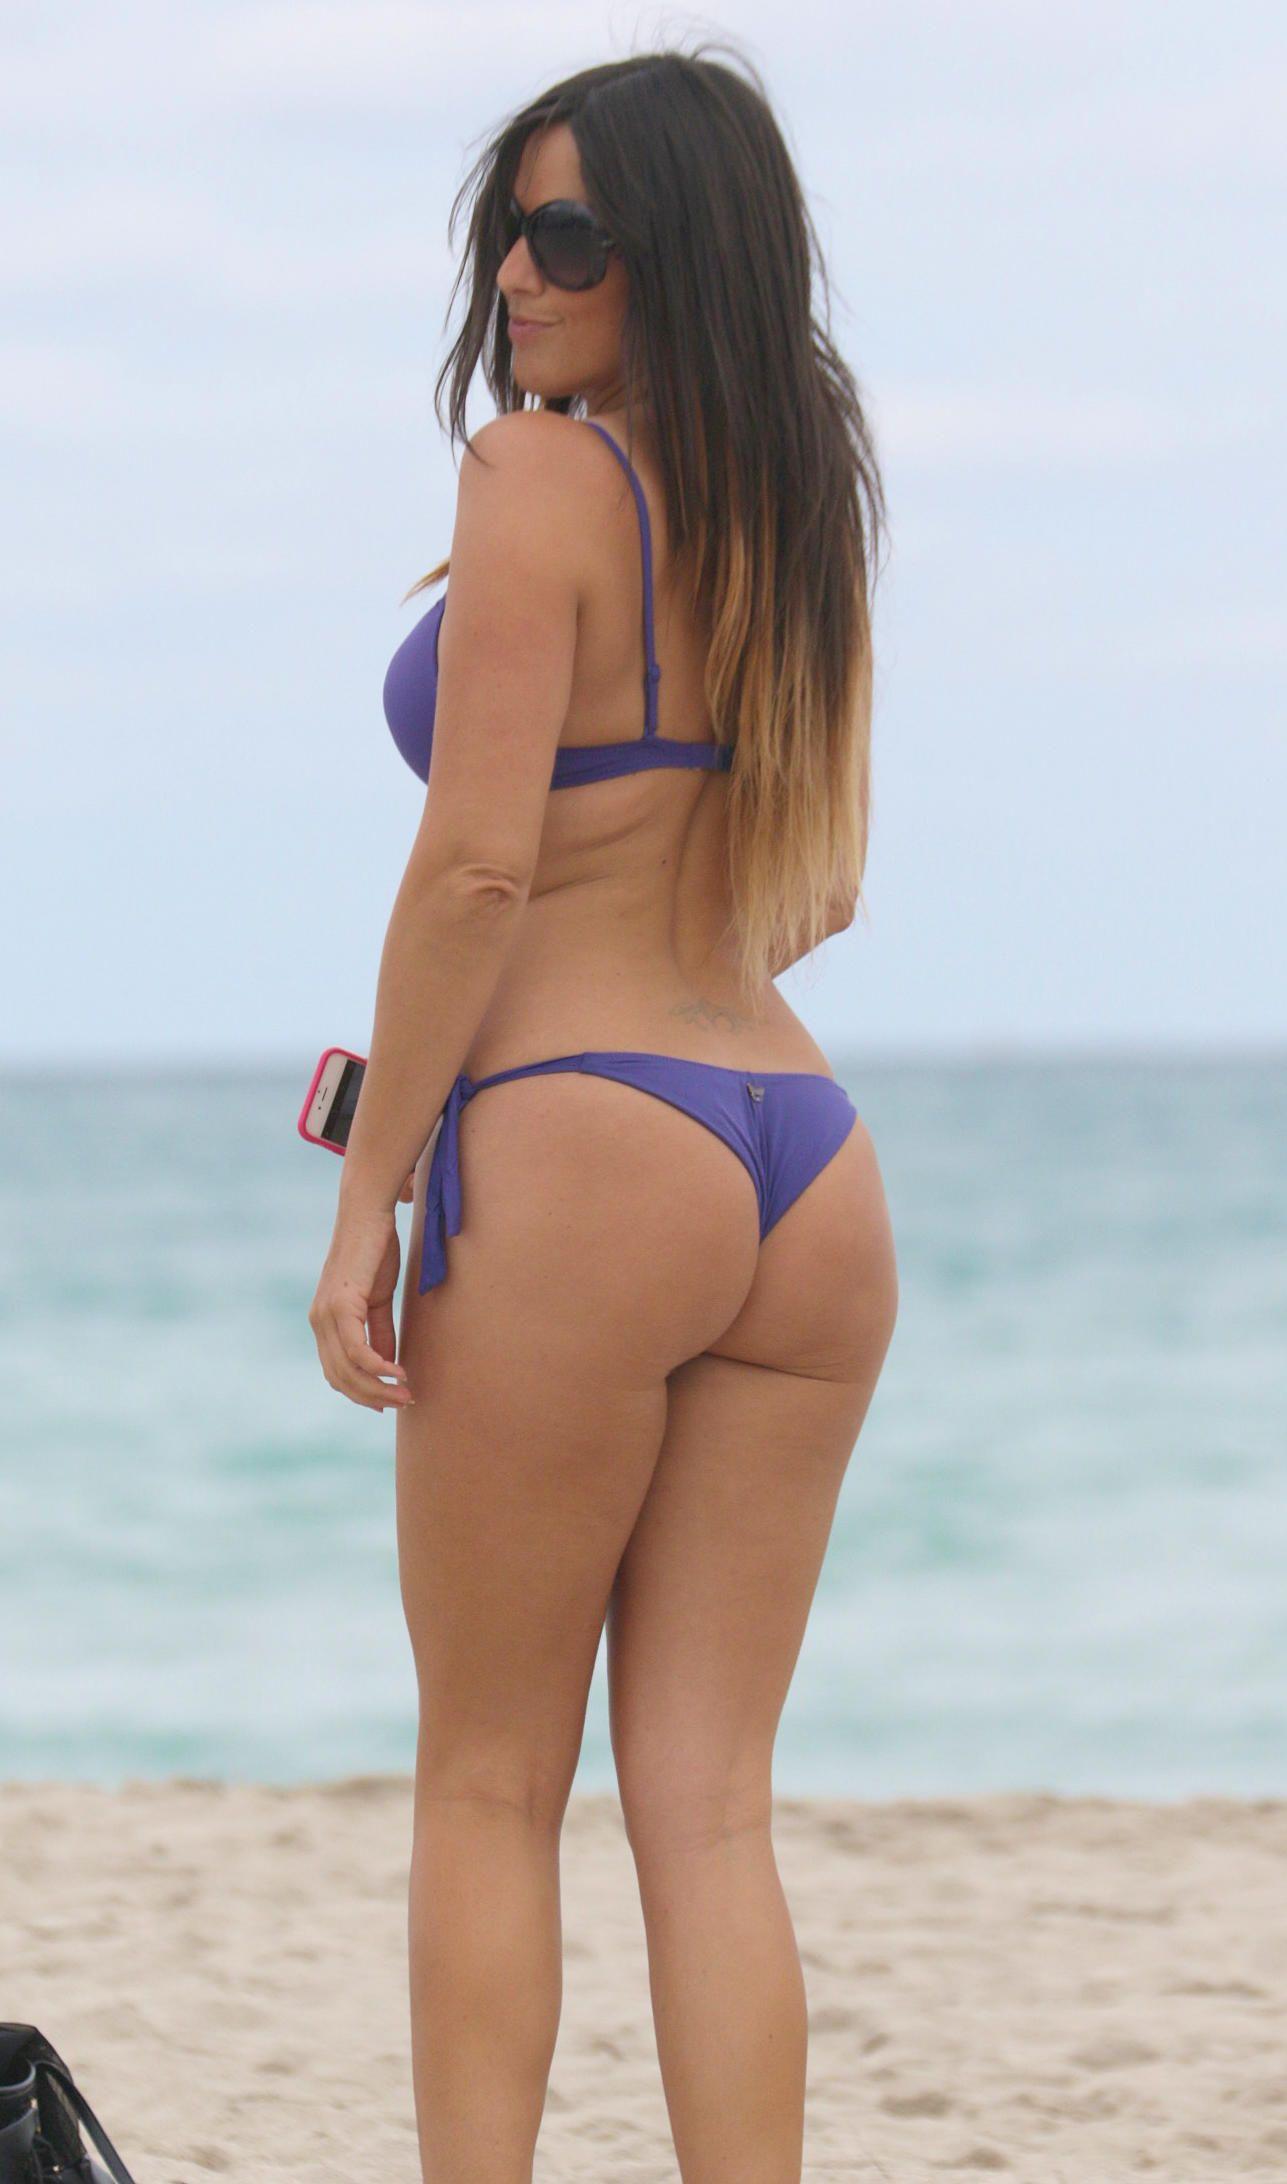 Claudia-Romani-in-a-Bikini-2